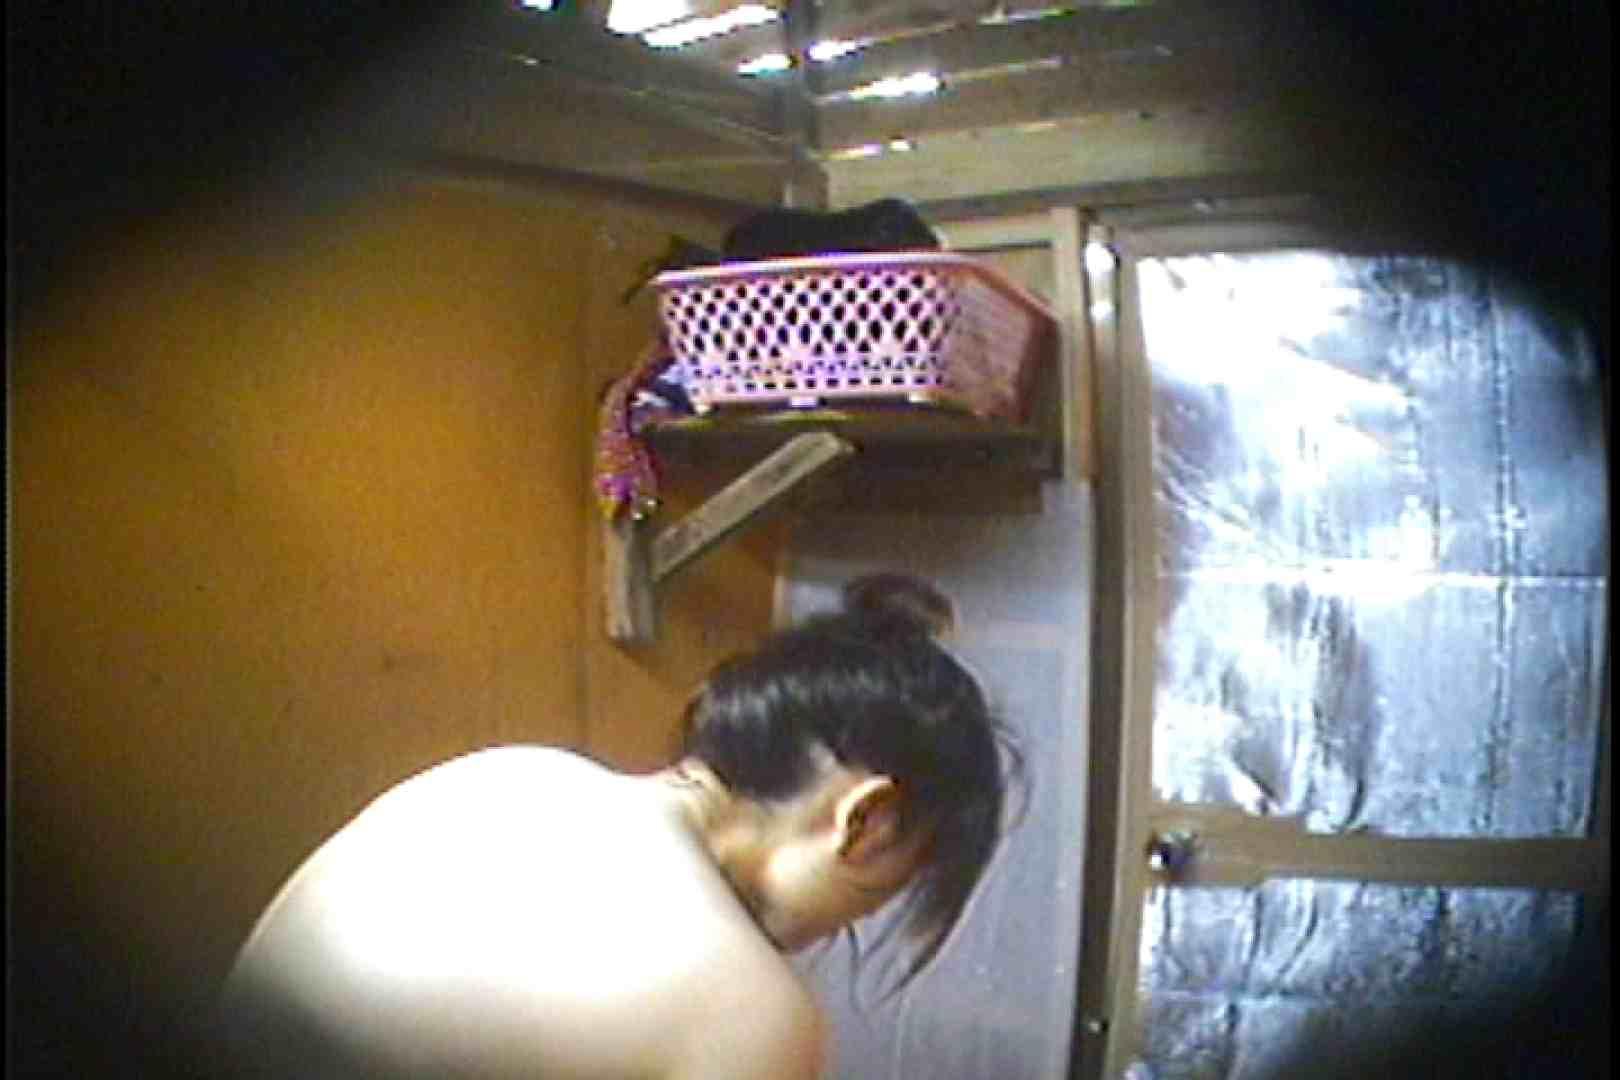 海の家の更衣室 Vol.37 日焼け | 高画質  48画像 26